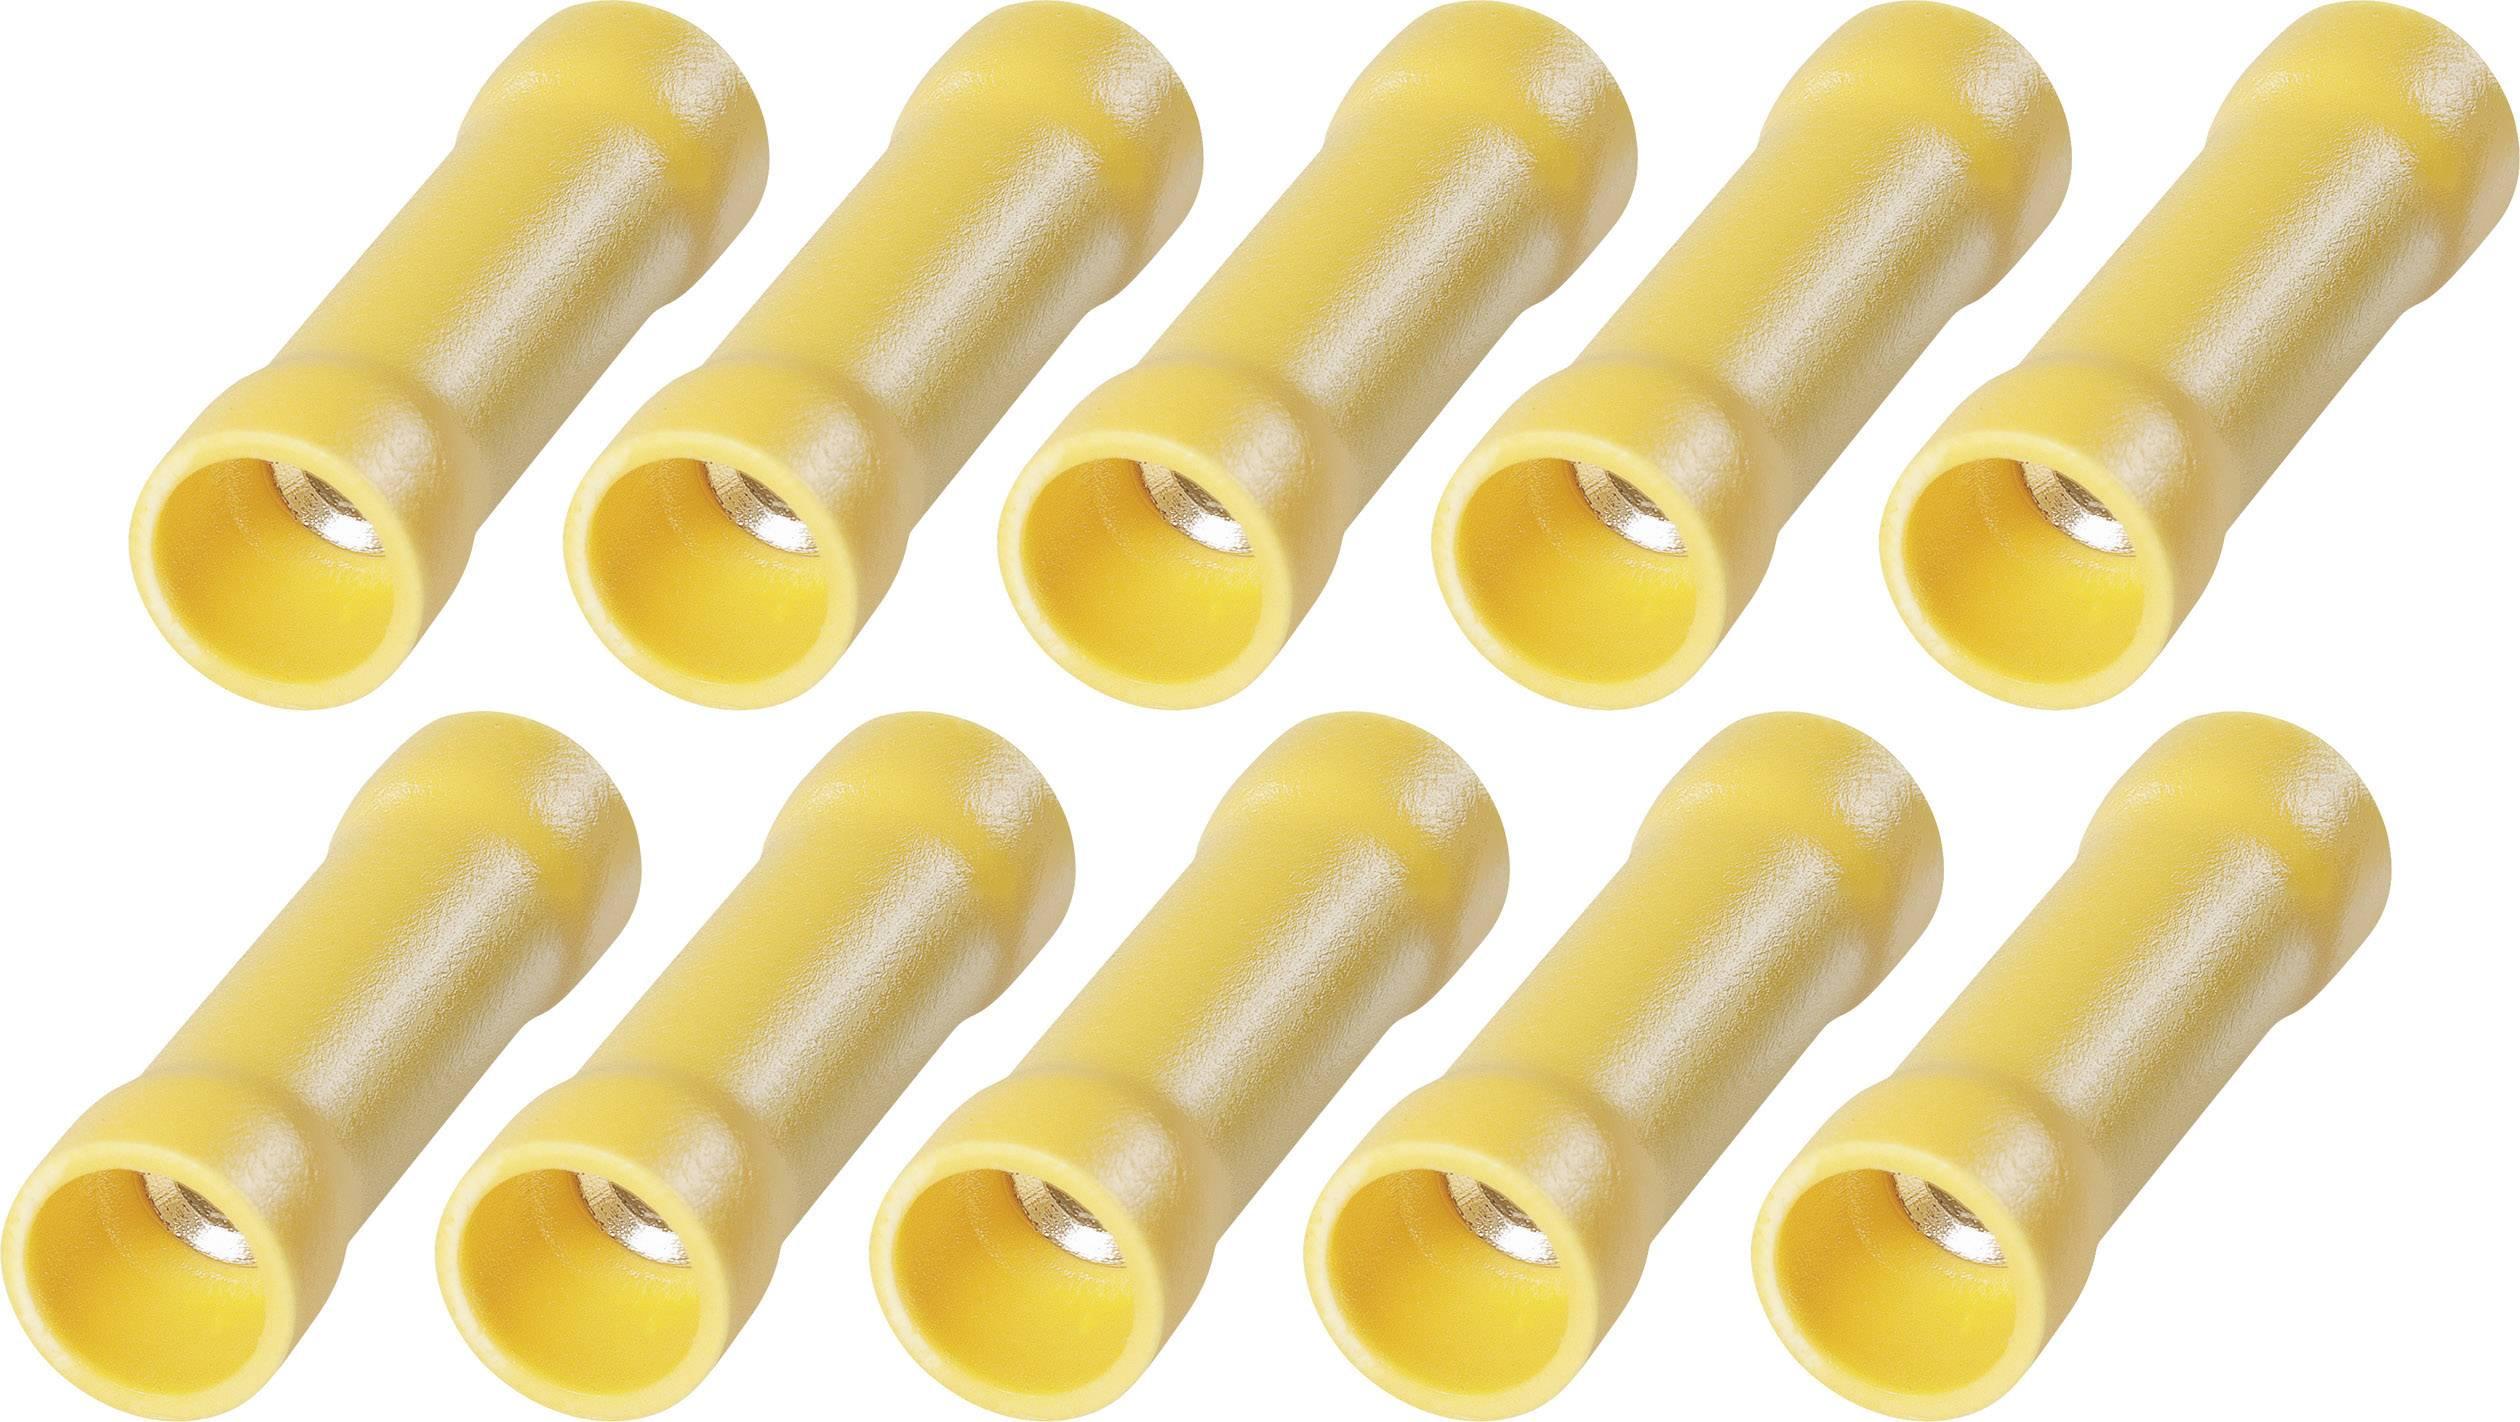 Sada káblových spojok s PVC izoláciou na kábel na EHP 6, 3.254.051, 2,5 - 6 mm², žltá, 10 ks